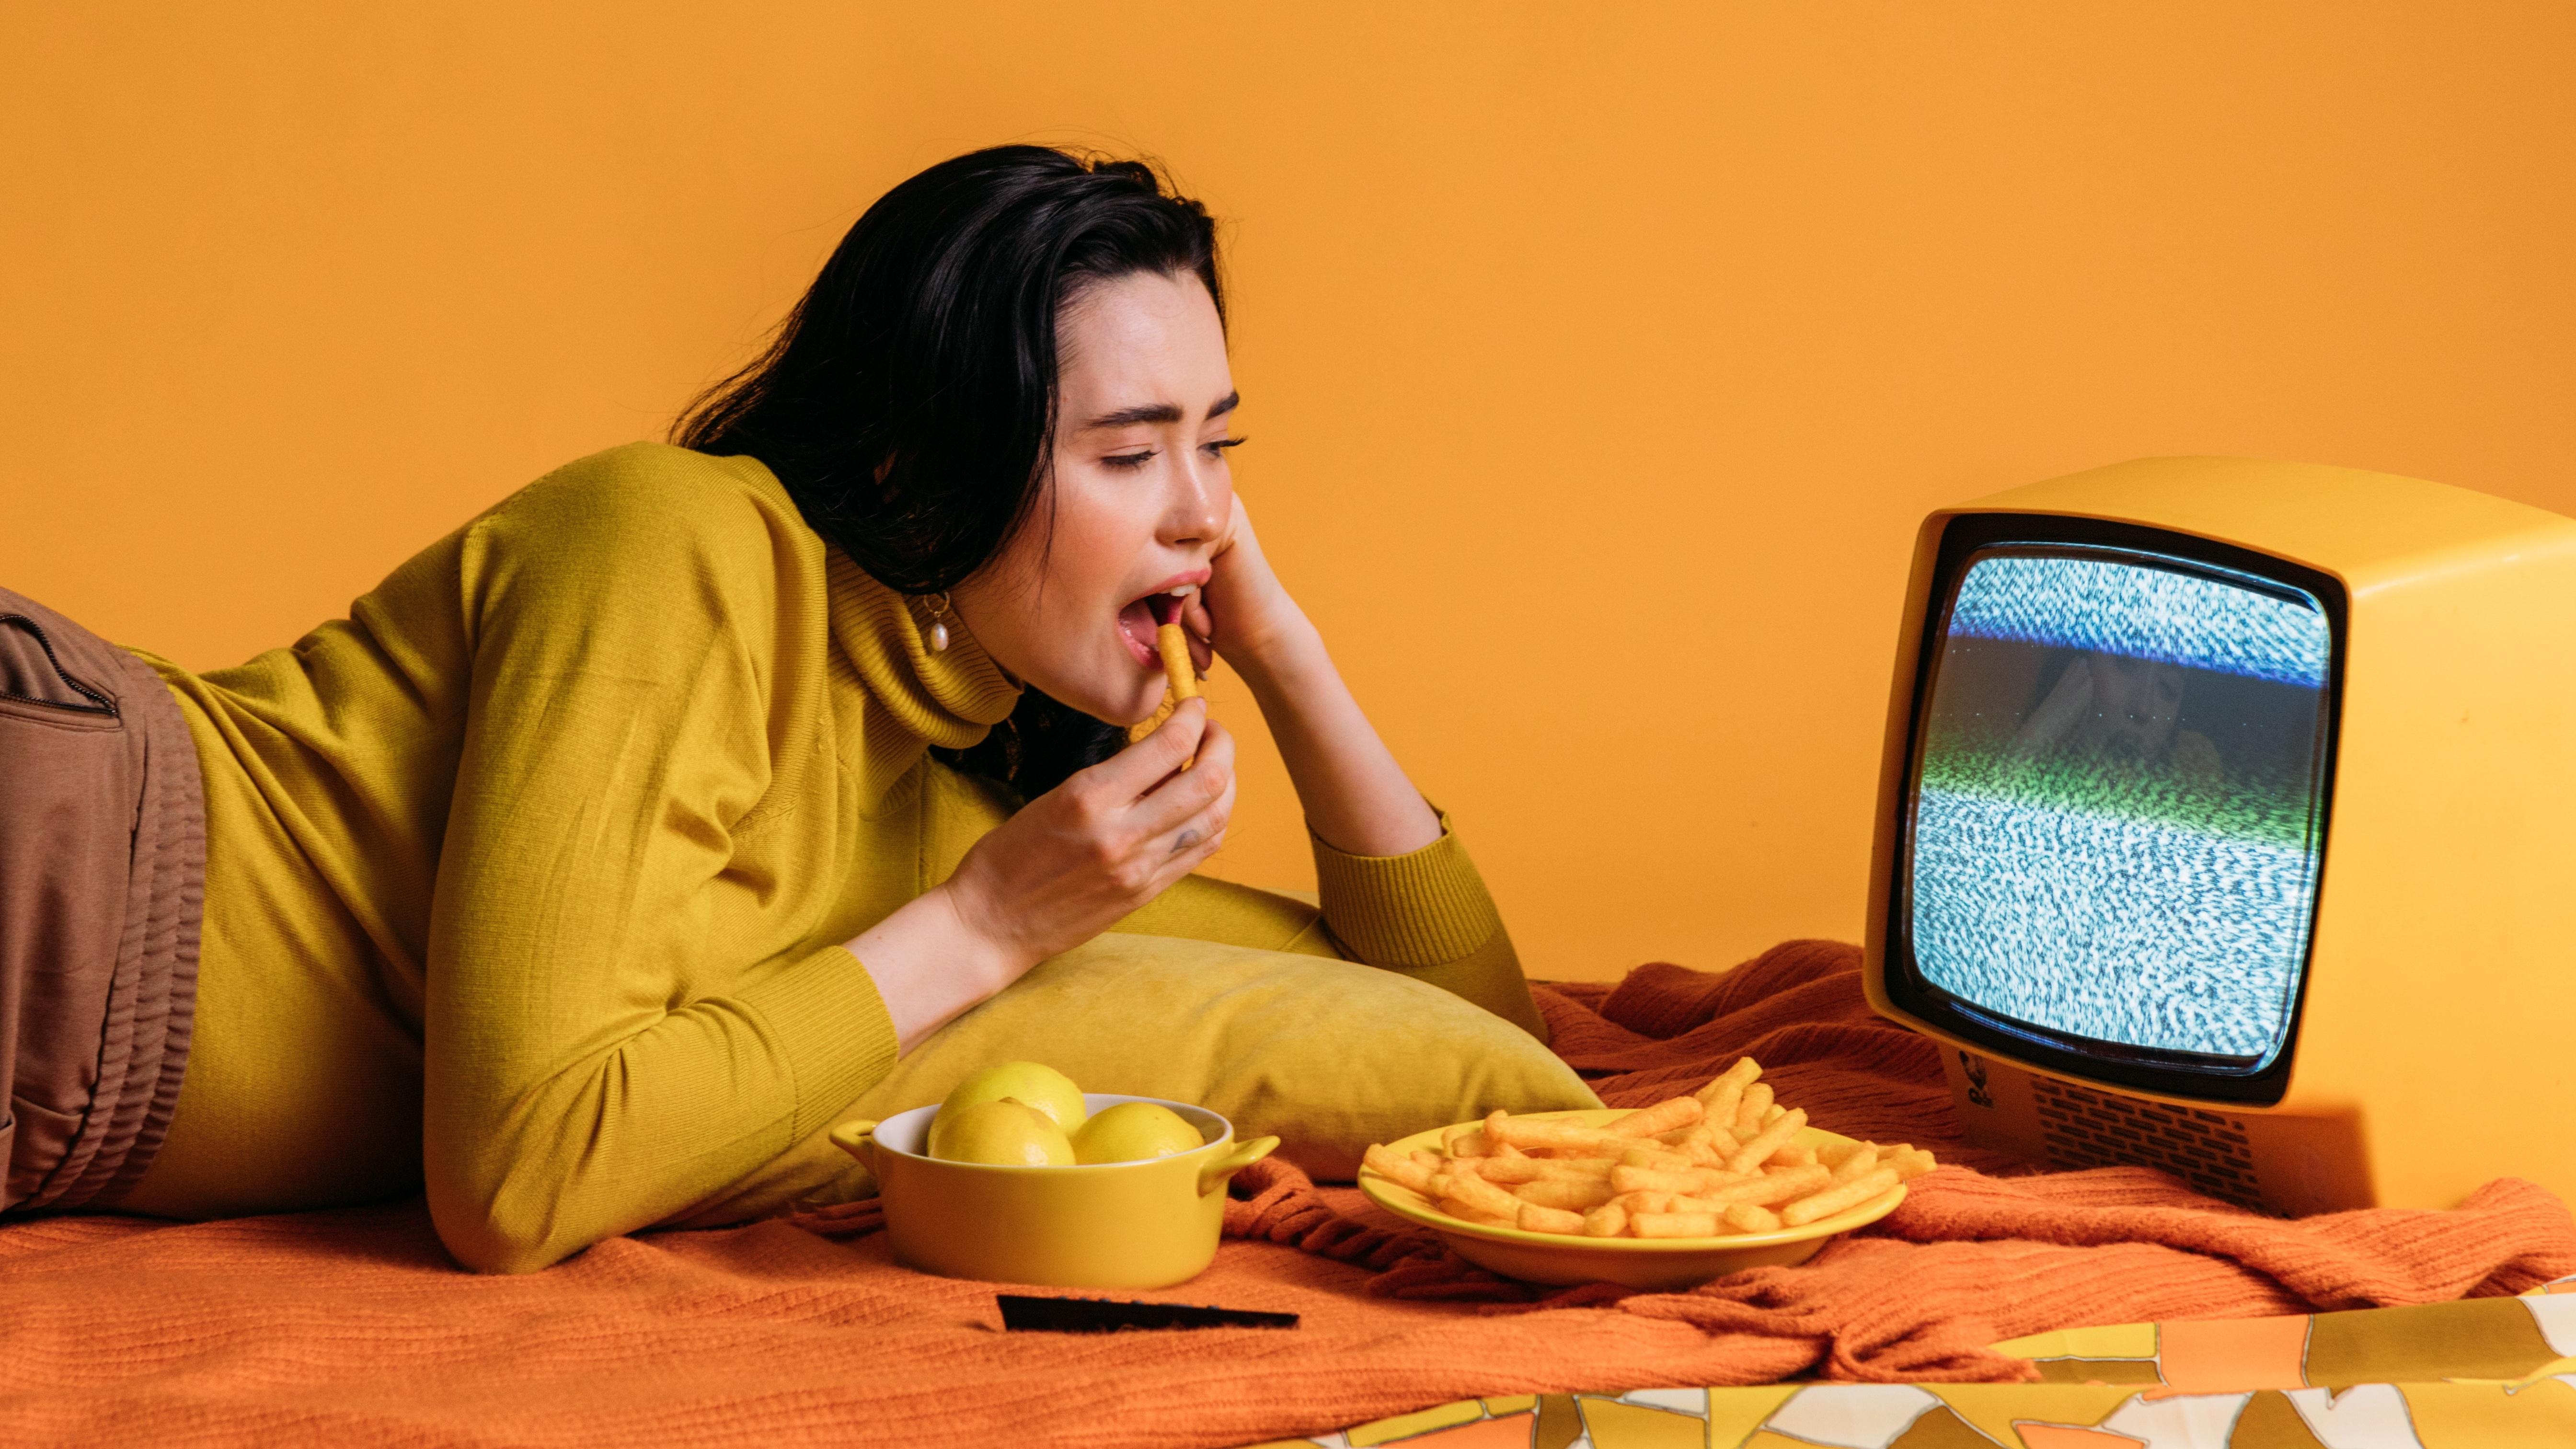 Um die Essgewohnheiten nachhaltig zu ändern, sollte man vor allem auf Snacks zwischendurch verzichten.